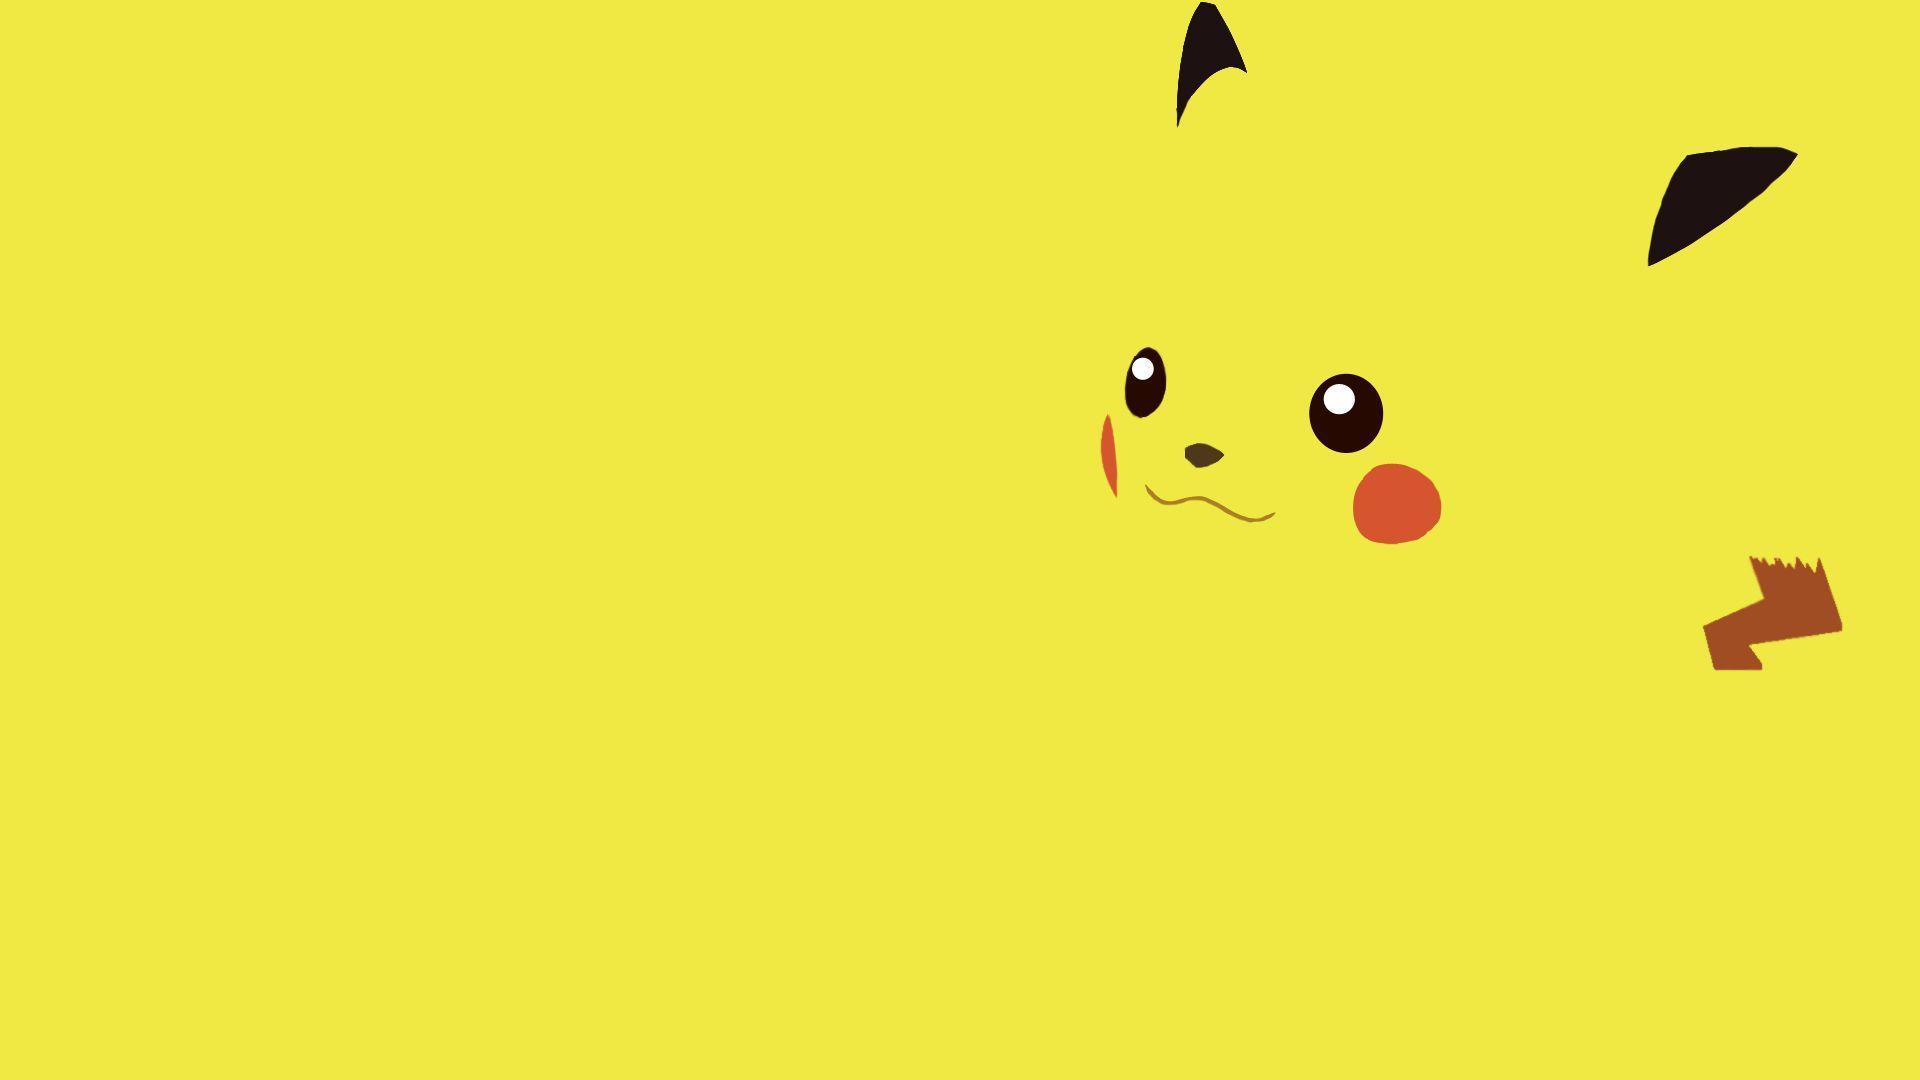 1920x1080 Pokemon Pikachu hình nền HD